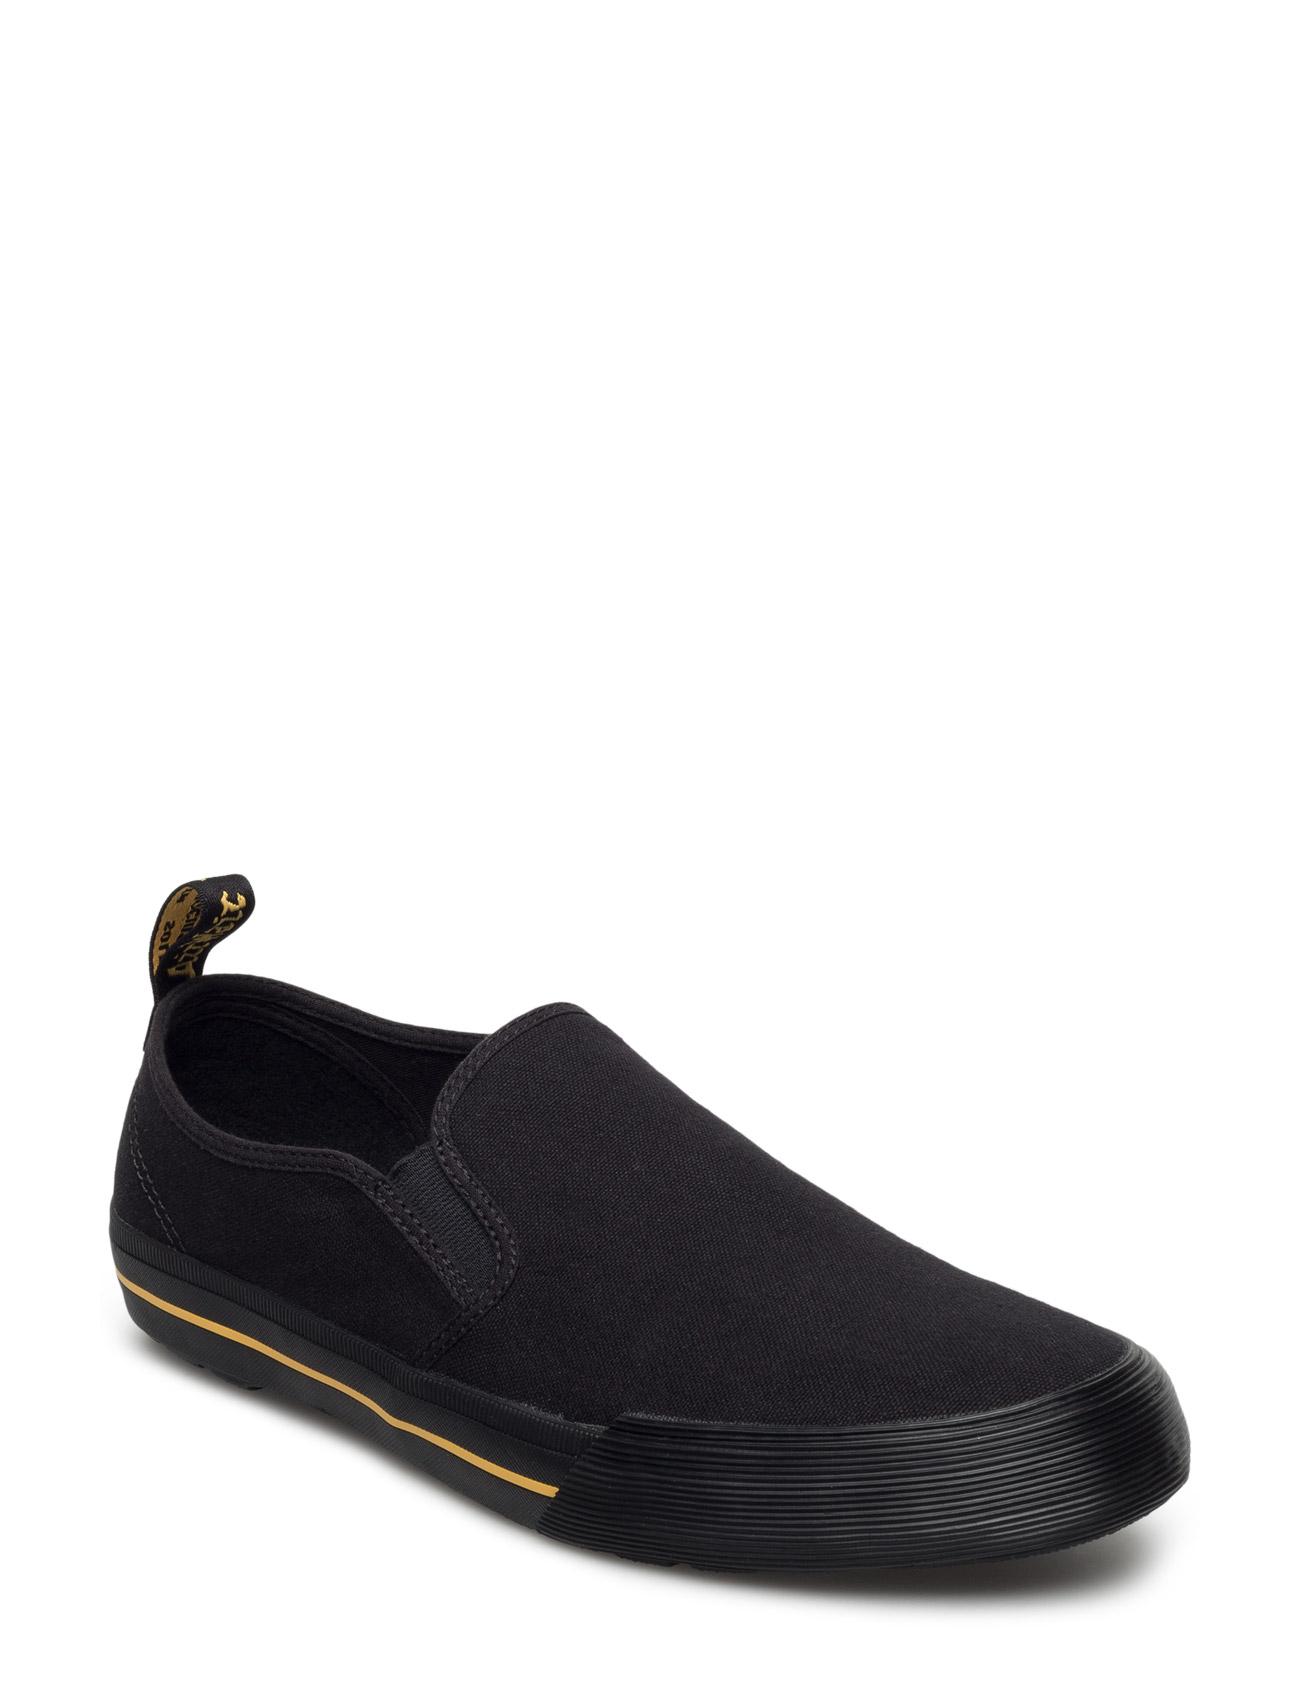 Toomey Dr. Martens Casual sko til Herrer i Sort